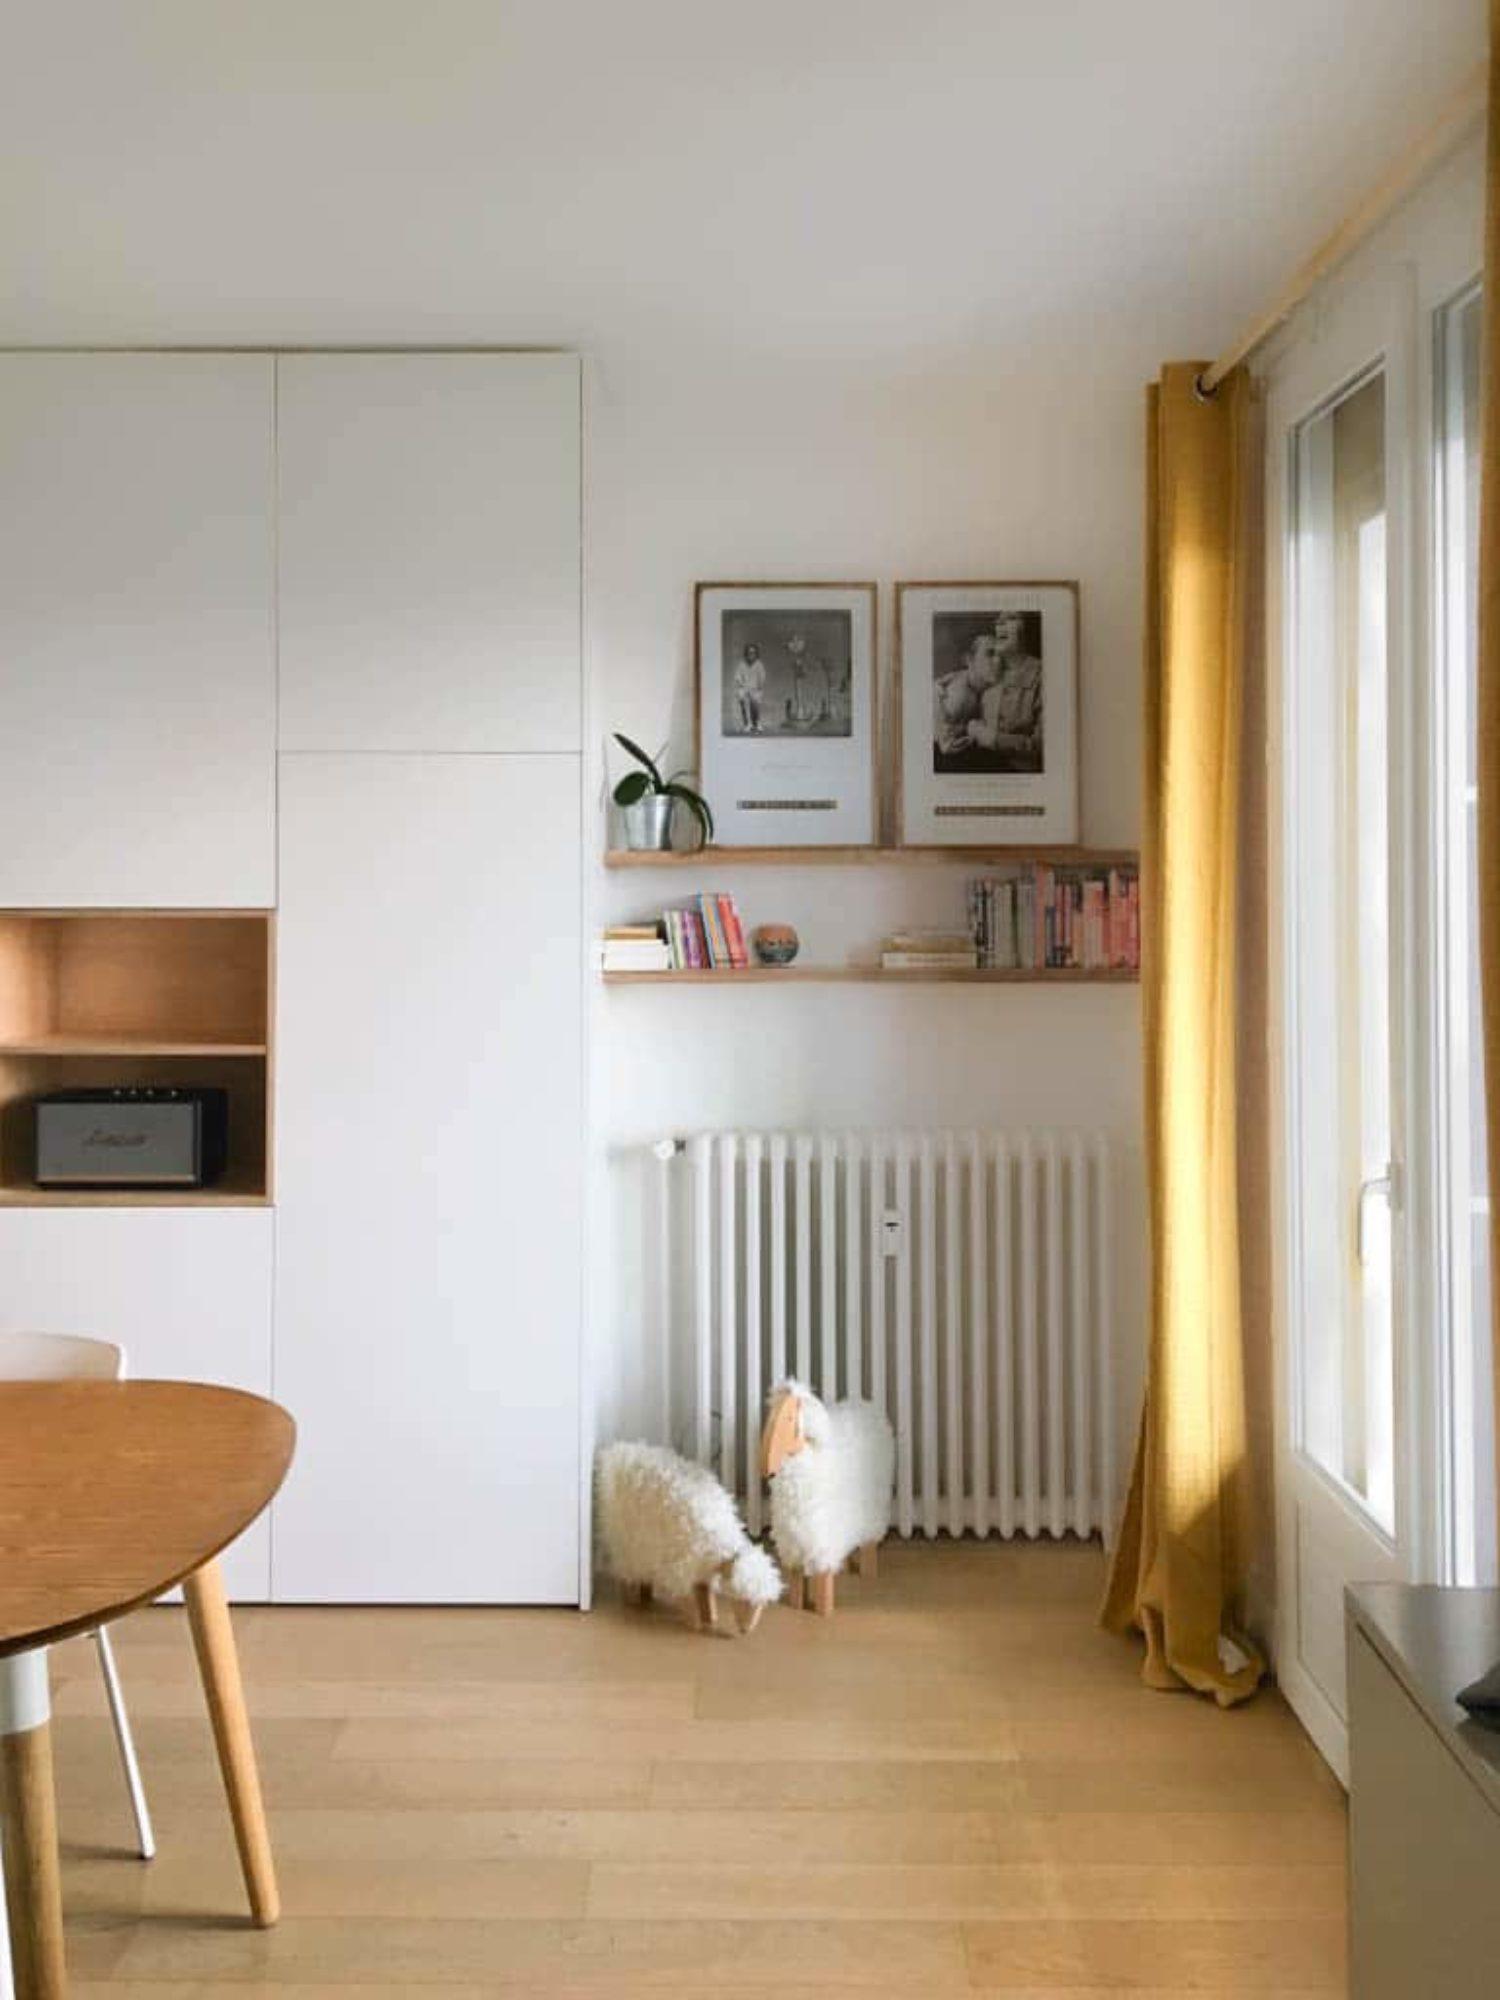 MEUBLE DE RANGEMENT • Un meuble sur mesure, intégrant bibliothèque, placards et niches décoration.